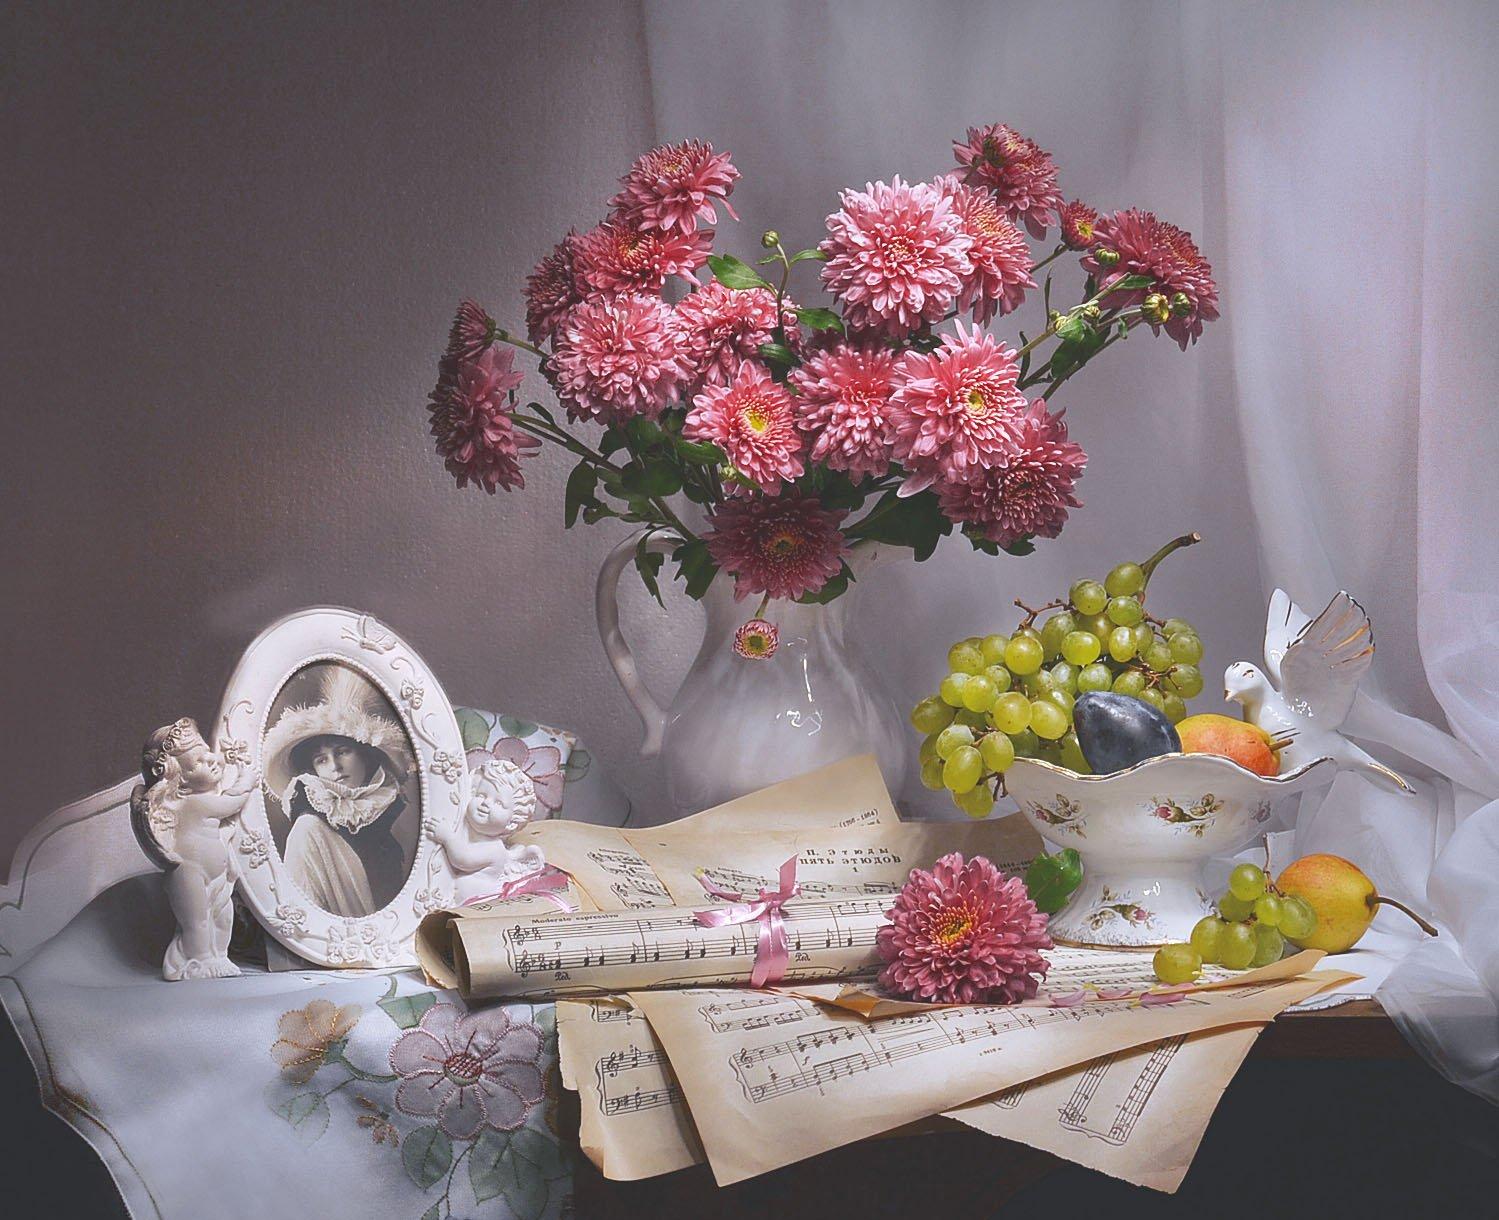 still life, натюрморт , ноты, портрет, романс, стихи, фото натюрморт, хризантемы, цветы,, Колова Валентина